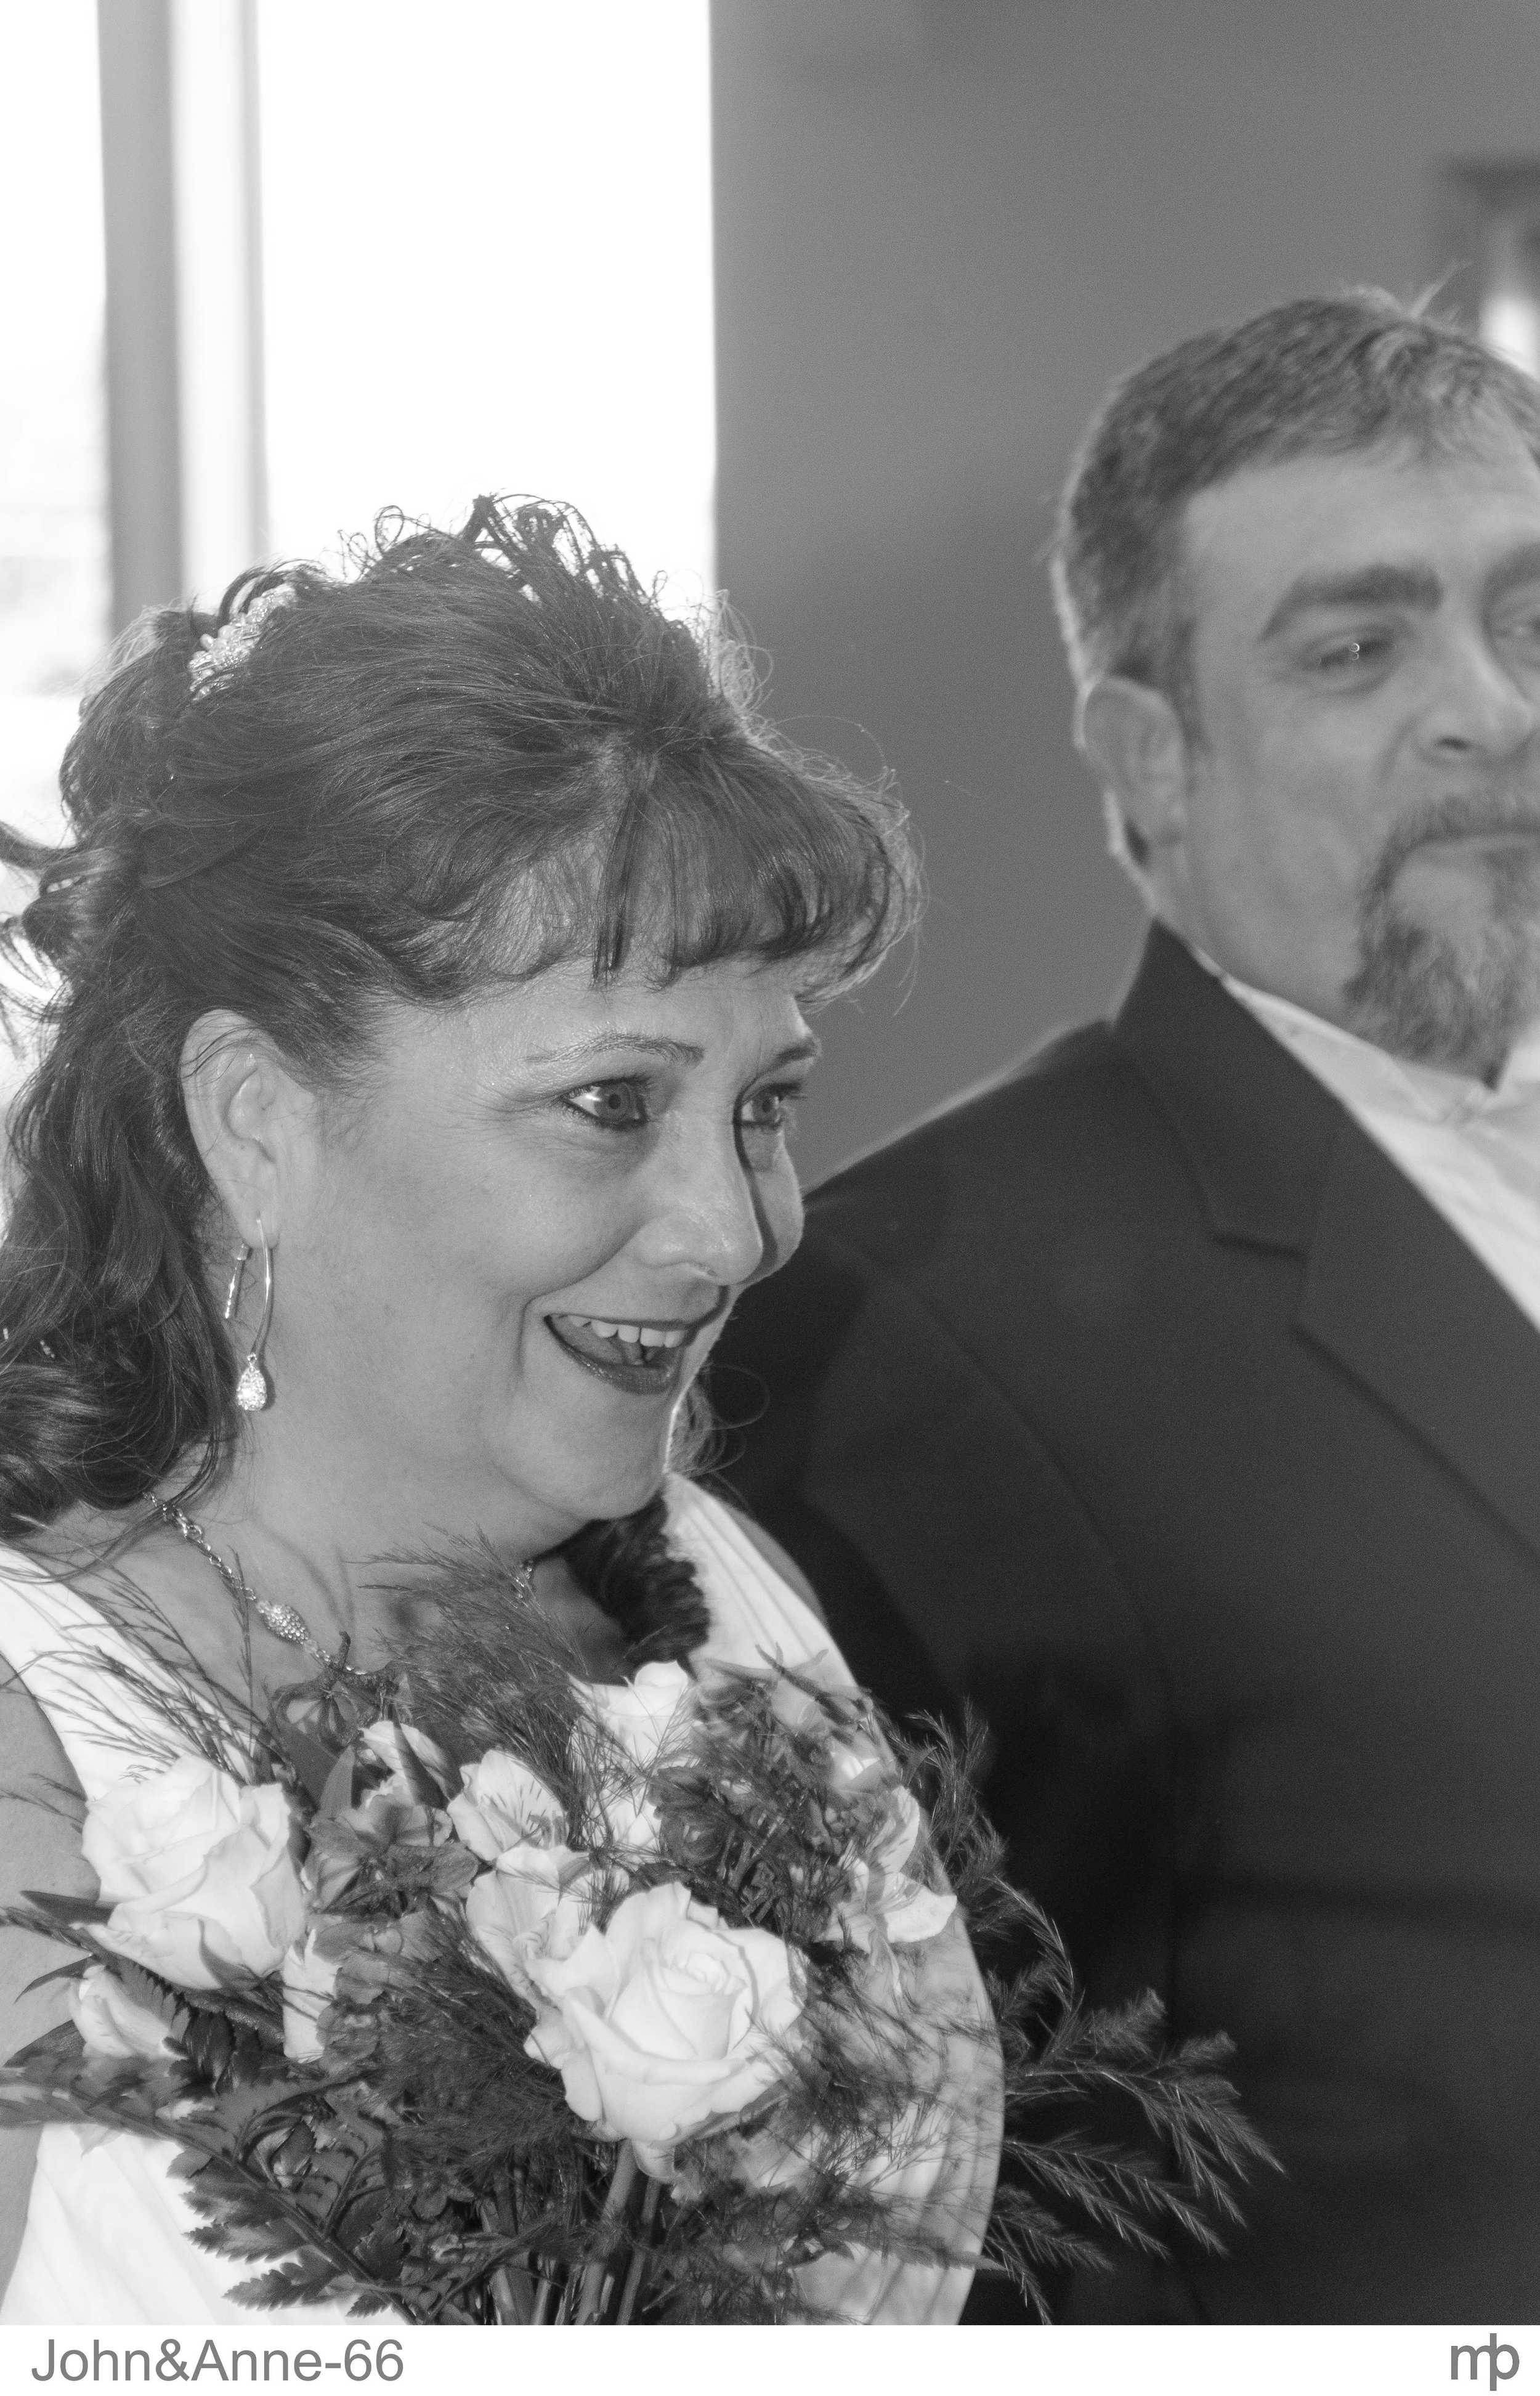 John&Anne-66.jpg